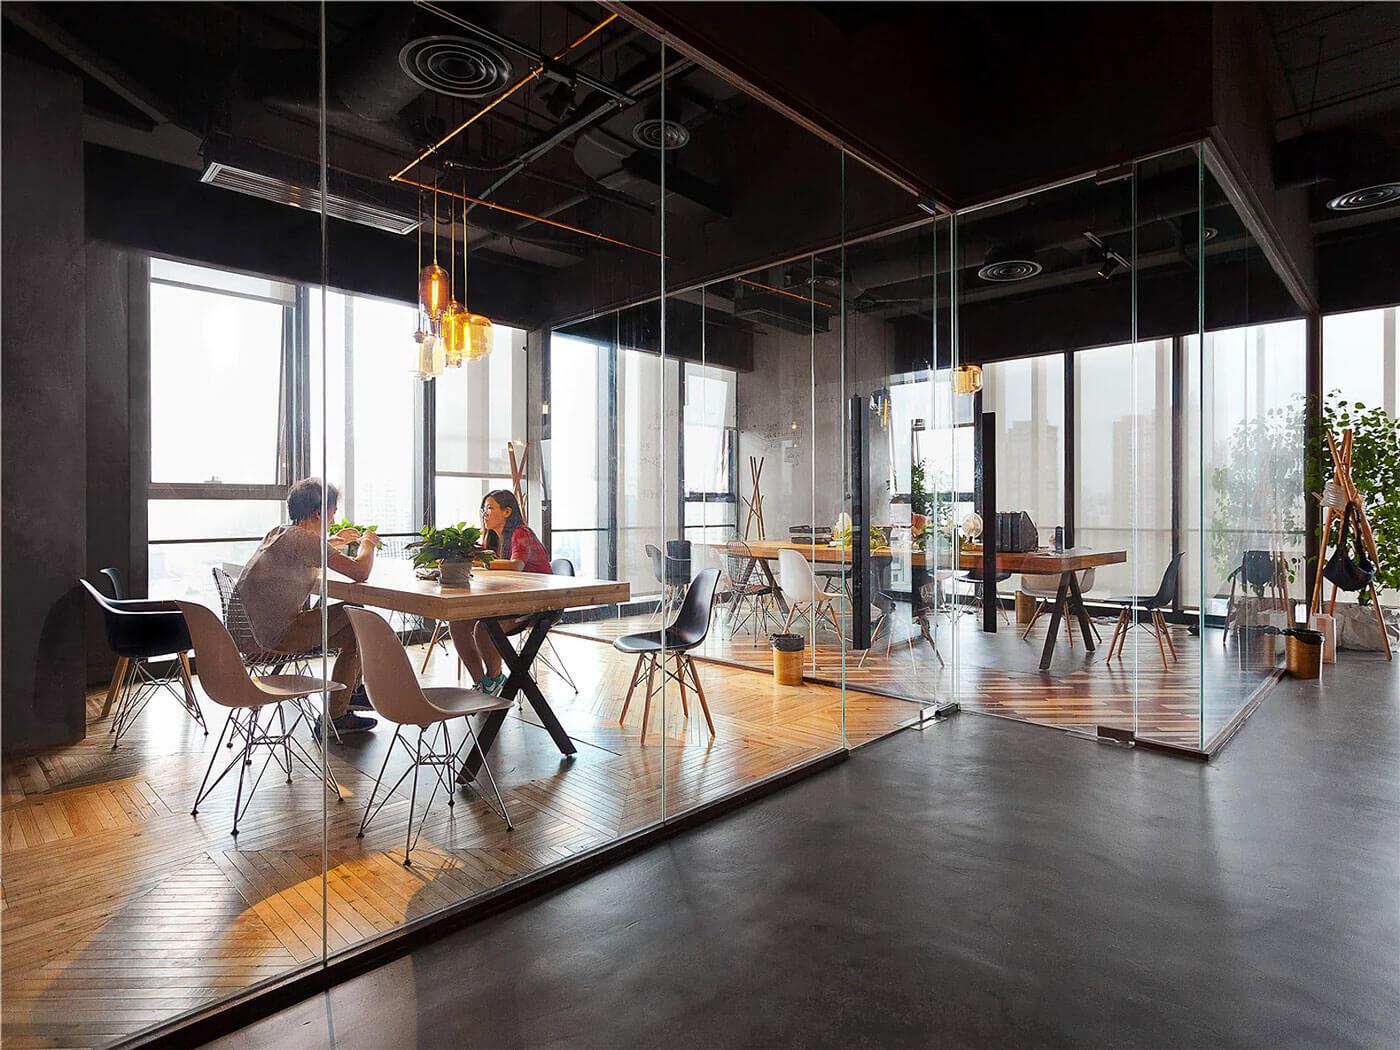 12 เทคนิคตกแต่งออฟฟิศเล็กให้ดูใหญ่ ถูกใจ SME และ home office 44 - Co-Working Space